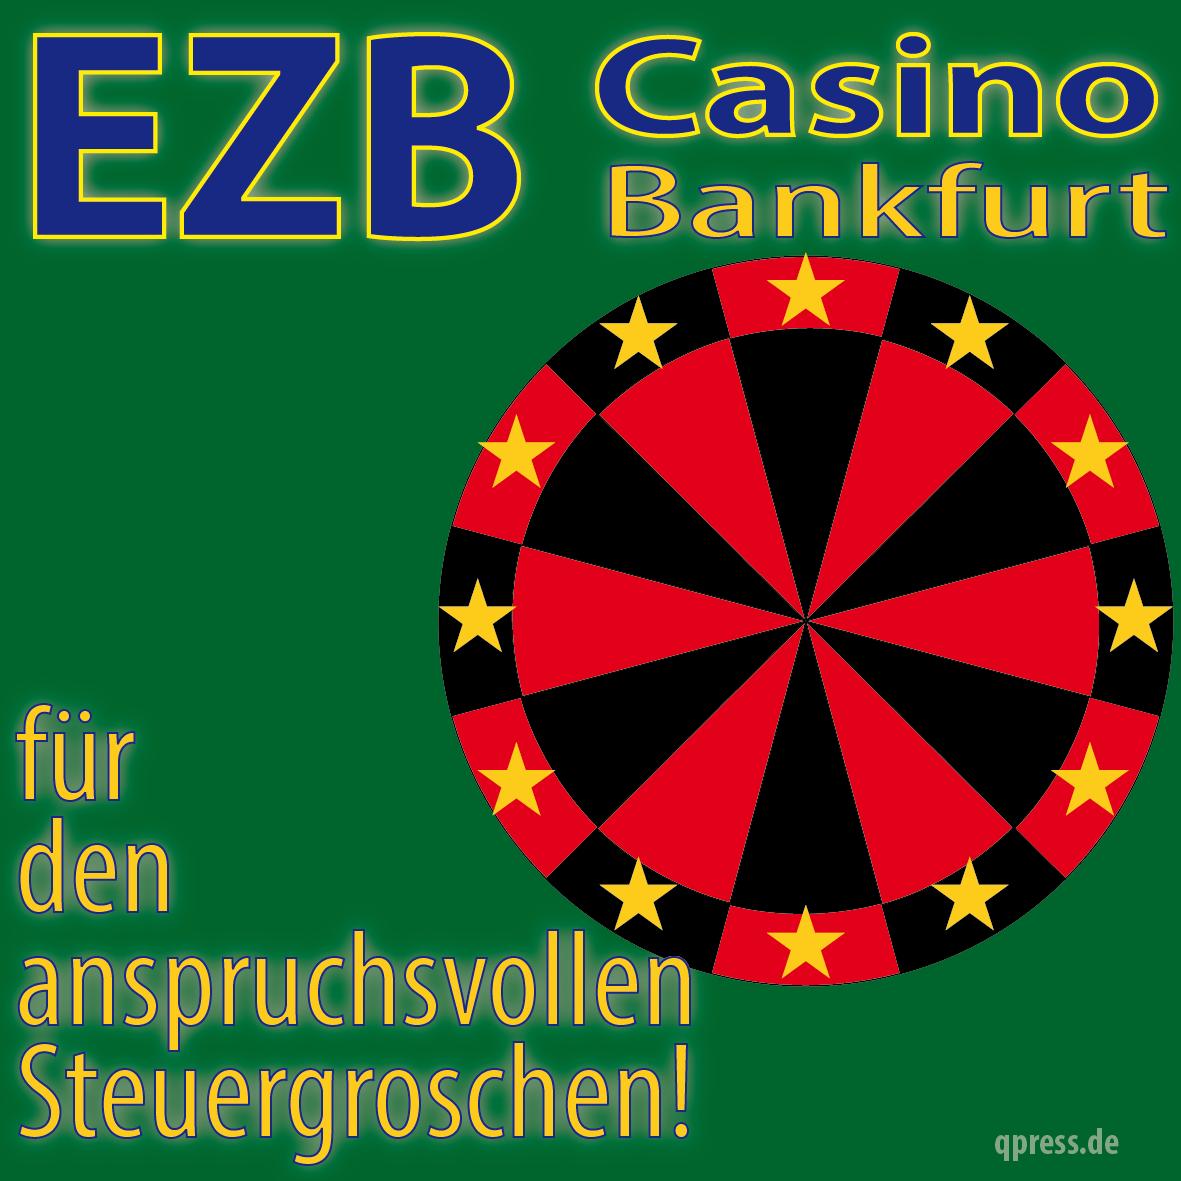 Die EZB ist gefährlicher als jedes Casino